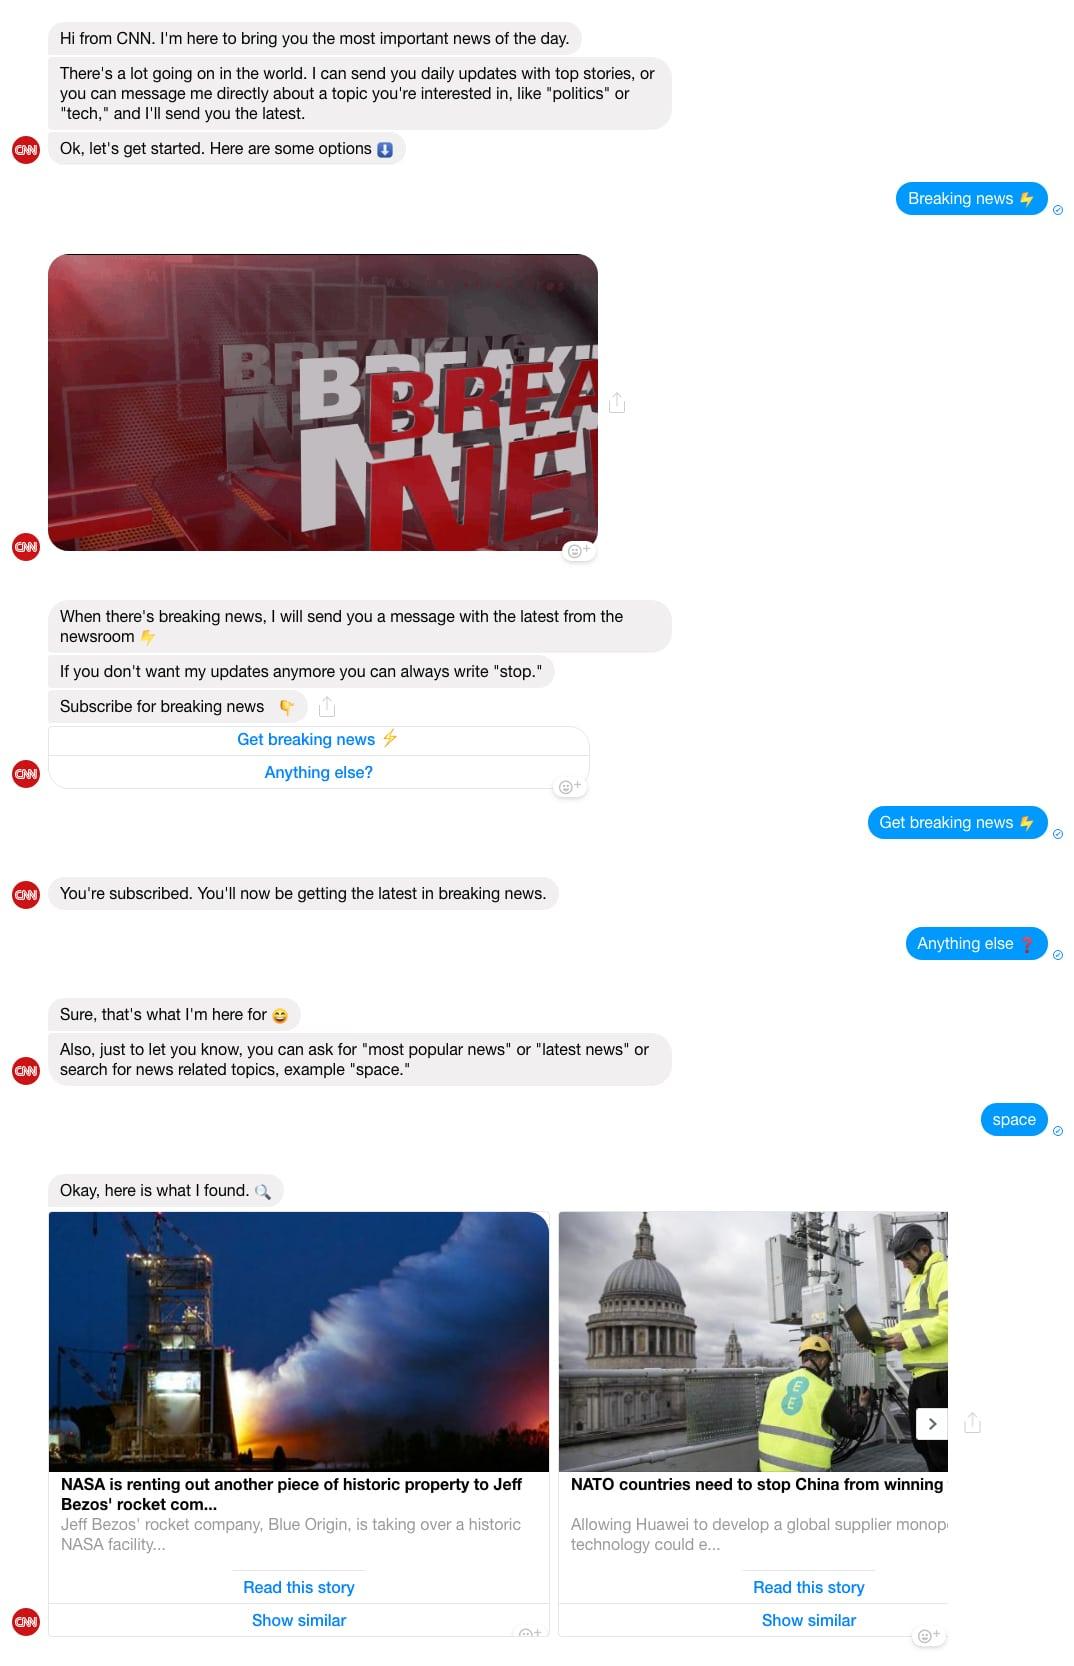 Facebook Messenger Bot example: CNN